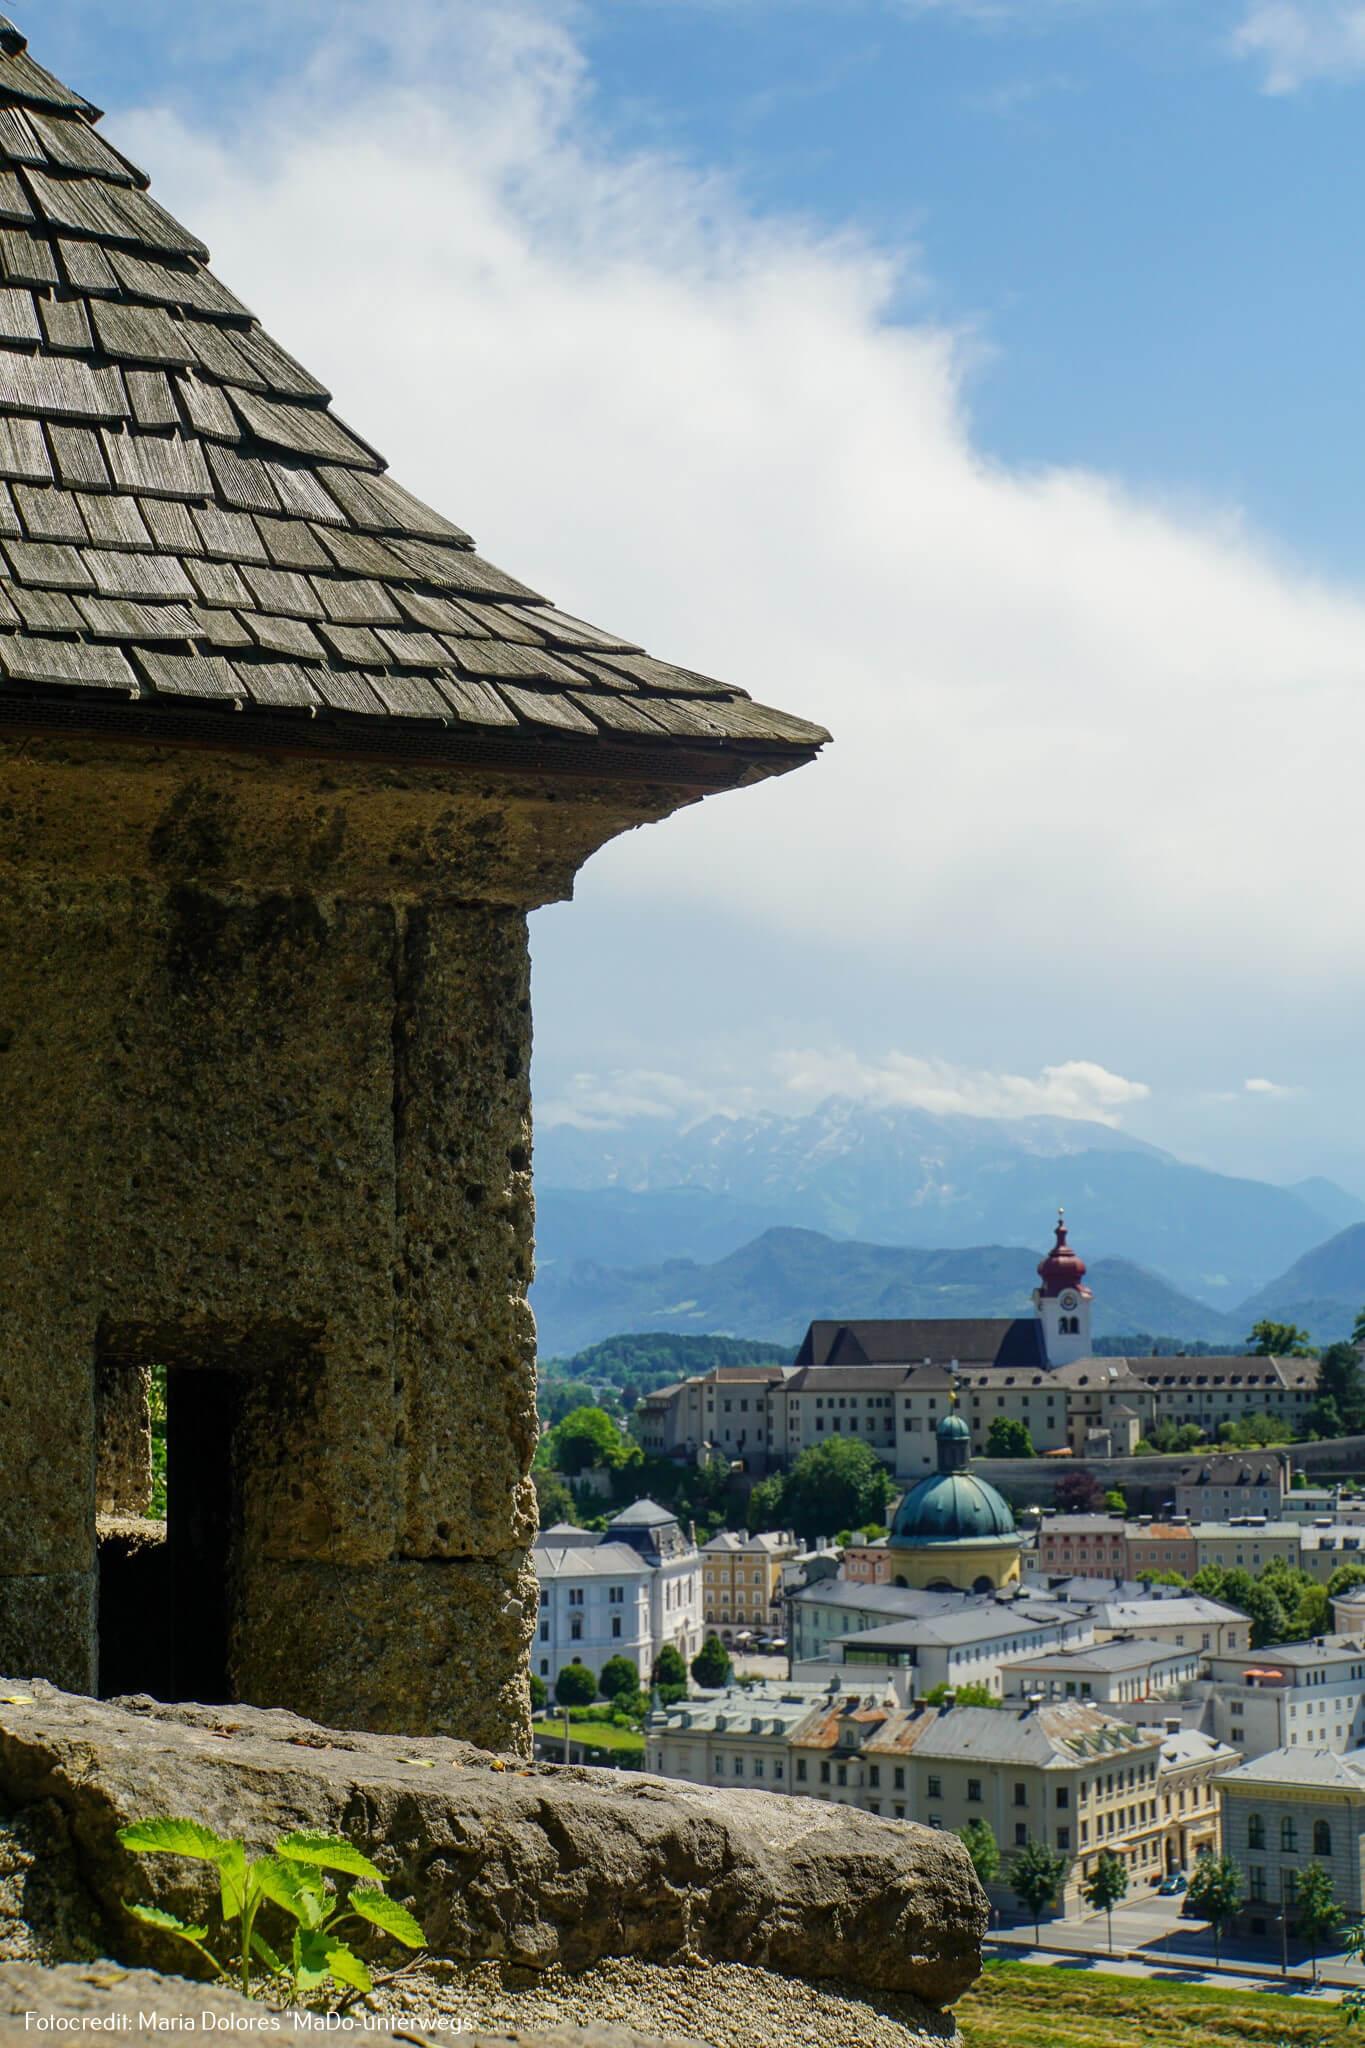 Wachturm an der Wehrmauer: Blick auf die Altstadt vom Kapuzinerberg [10 Tage Roadtrip Salzburg]